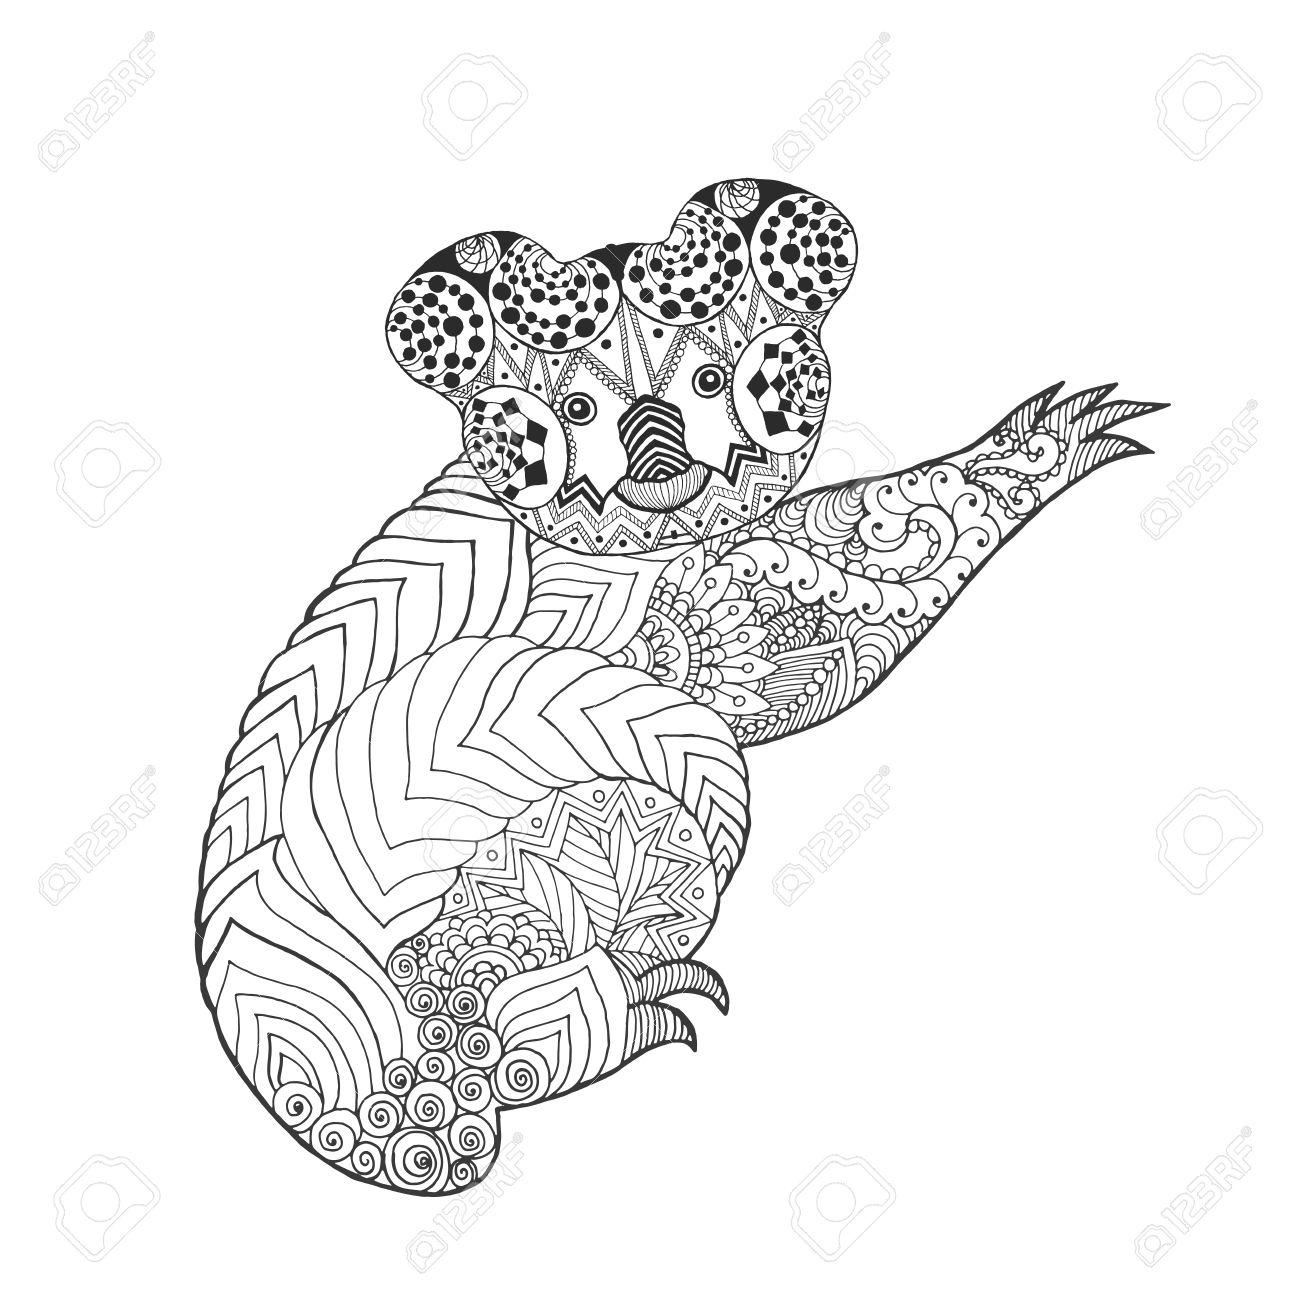 Stilisierten Koala. Schwarz-weiße Hand Doodle Tier Gezogen ...